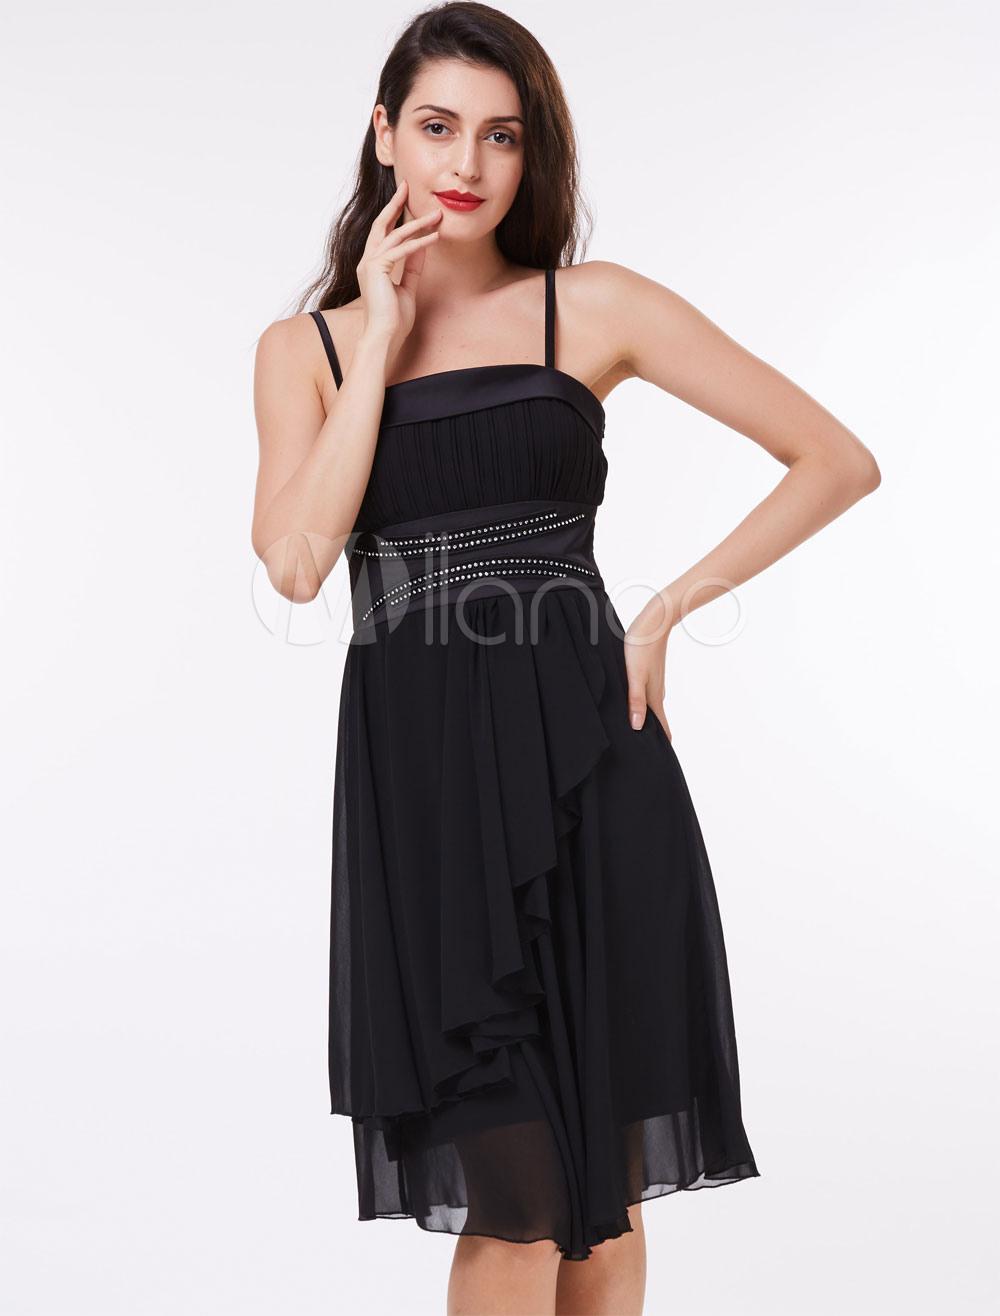 Top Kleines Schwarzes Kleid Cocktailkleid Abend Galerie - Abendkleid